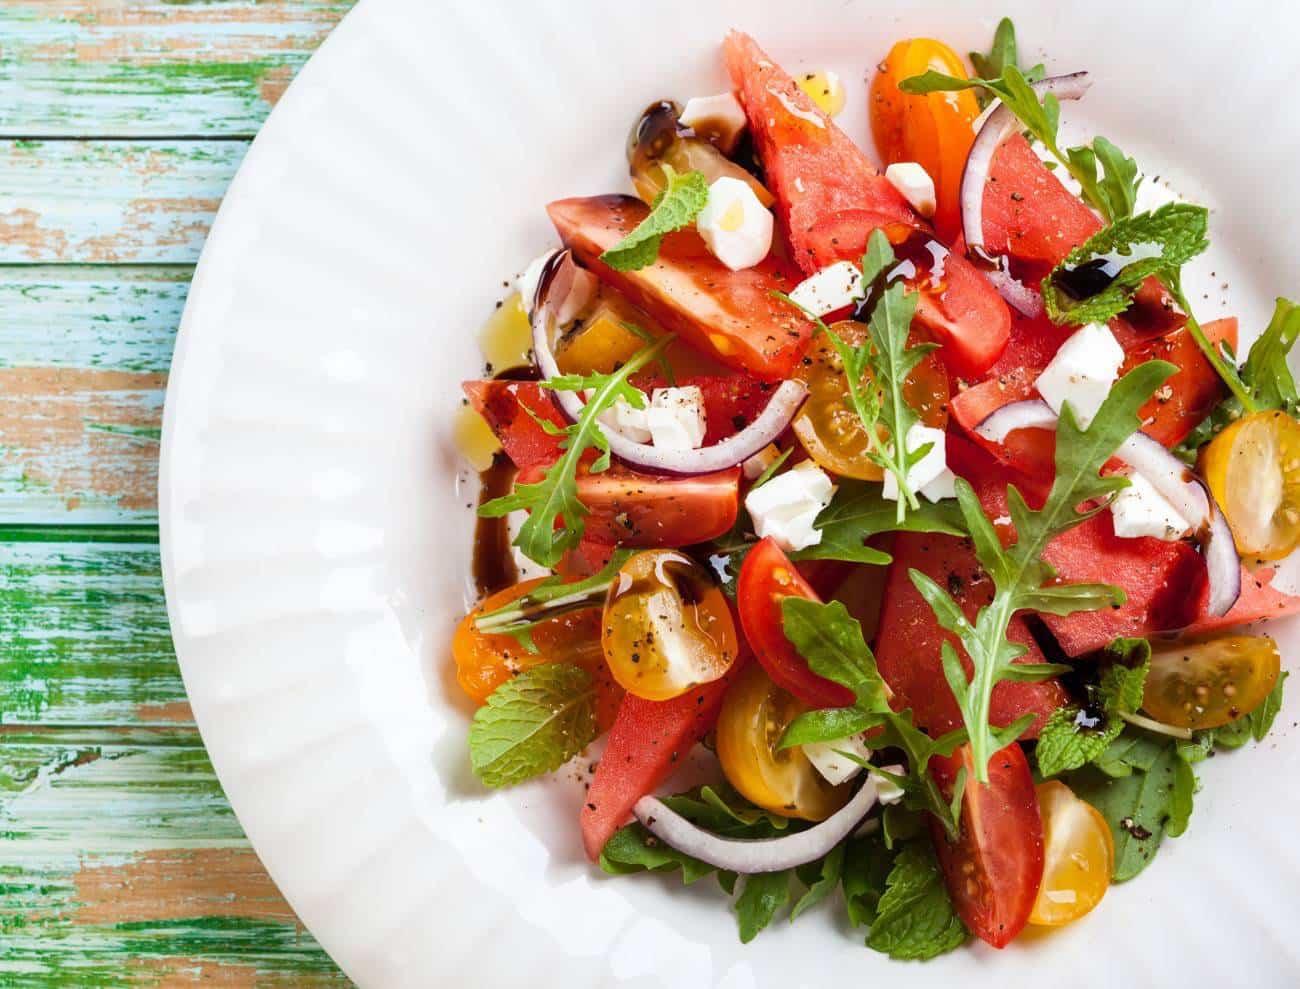 ensalada de sandía con tomate